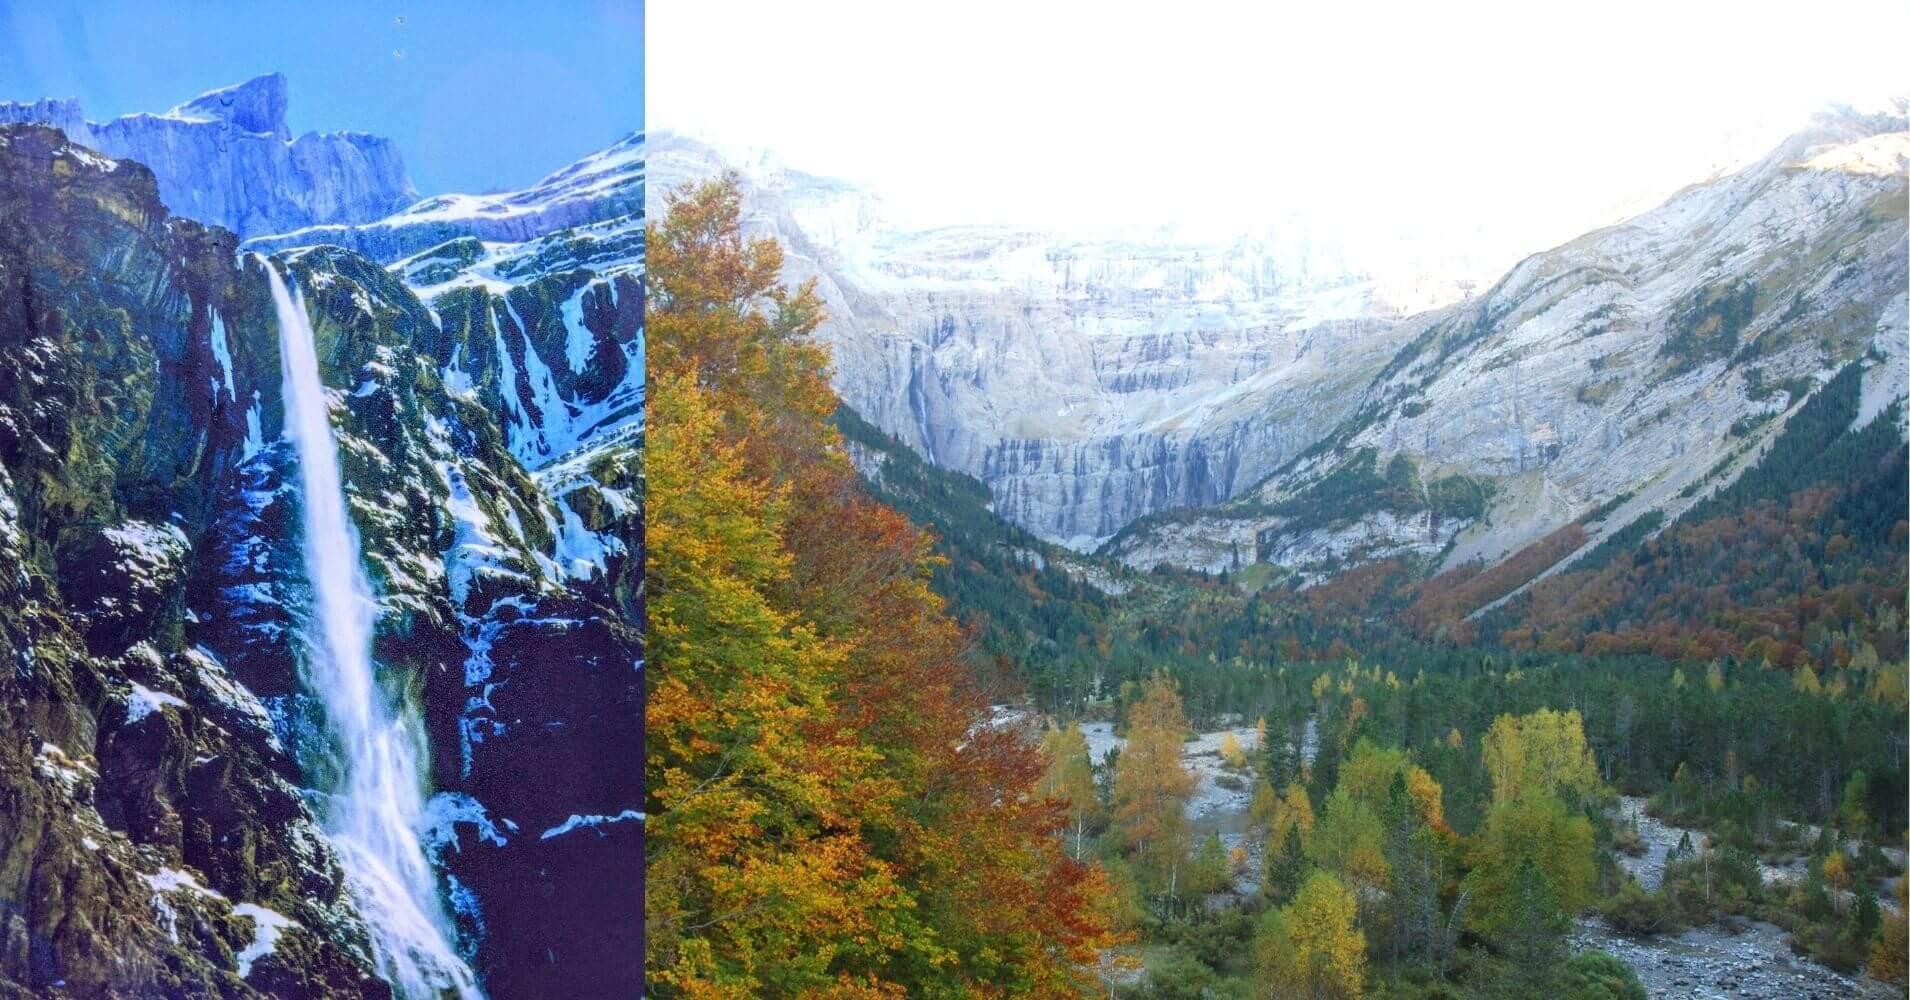 Grande Cascada, Circo de Gavarnie. Altos Pirineos. Occitania. Francia.